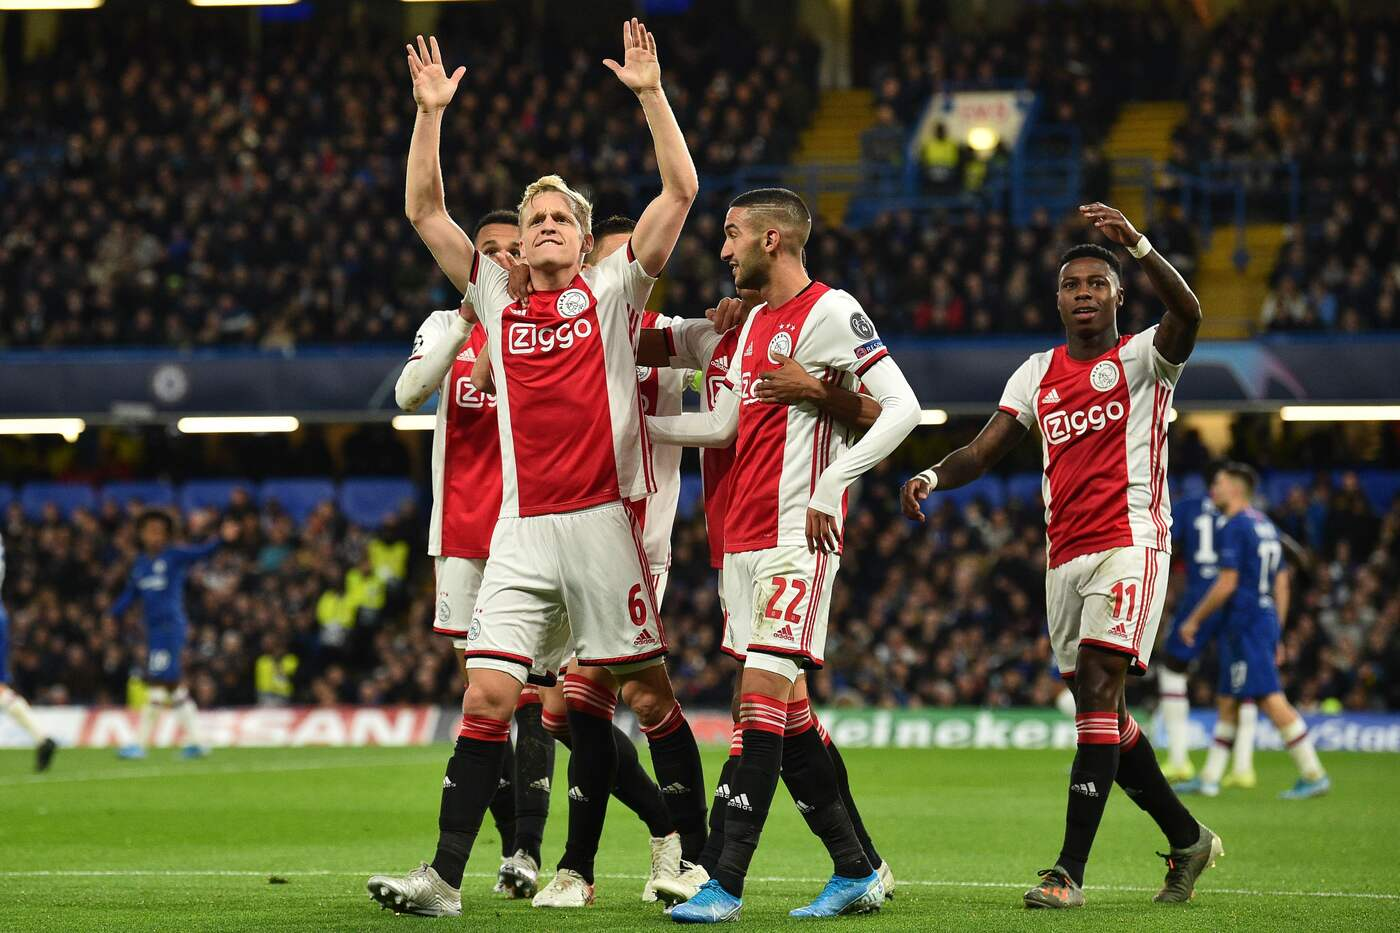 Groningen-Ajax pronostico 26 gennaio eredivisie